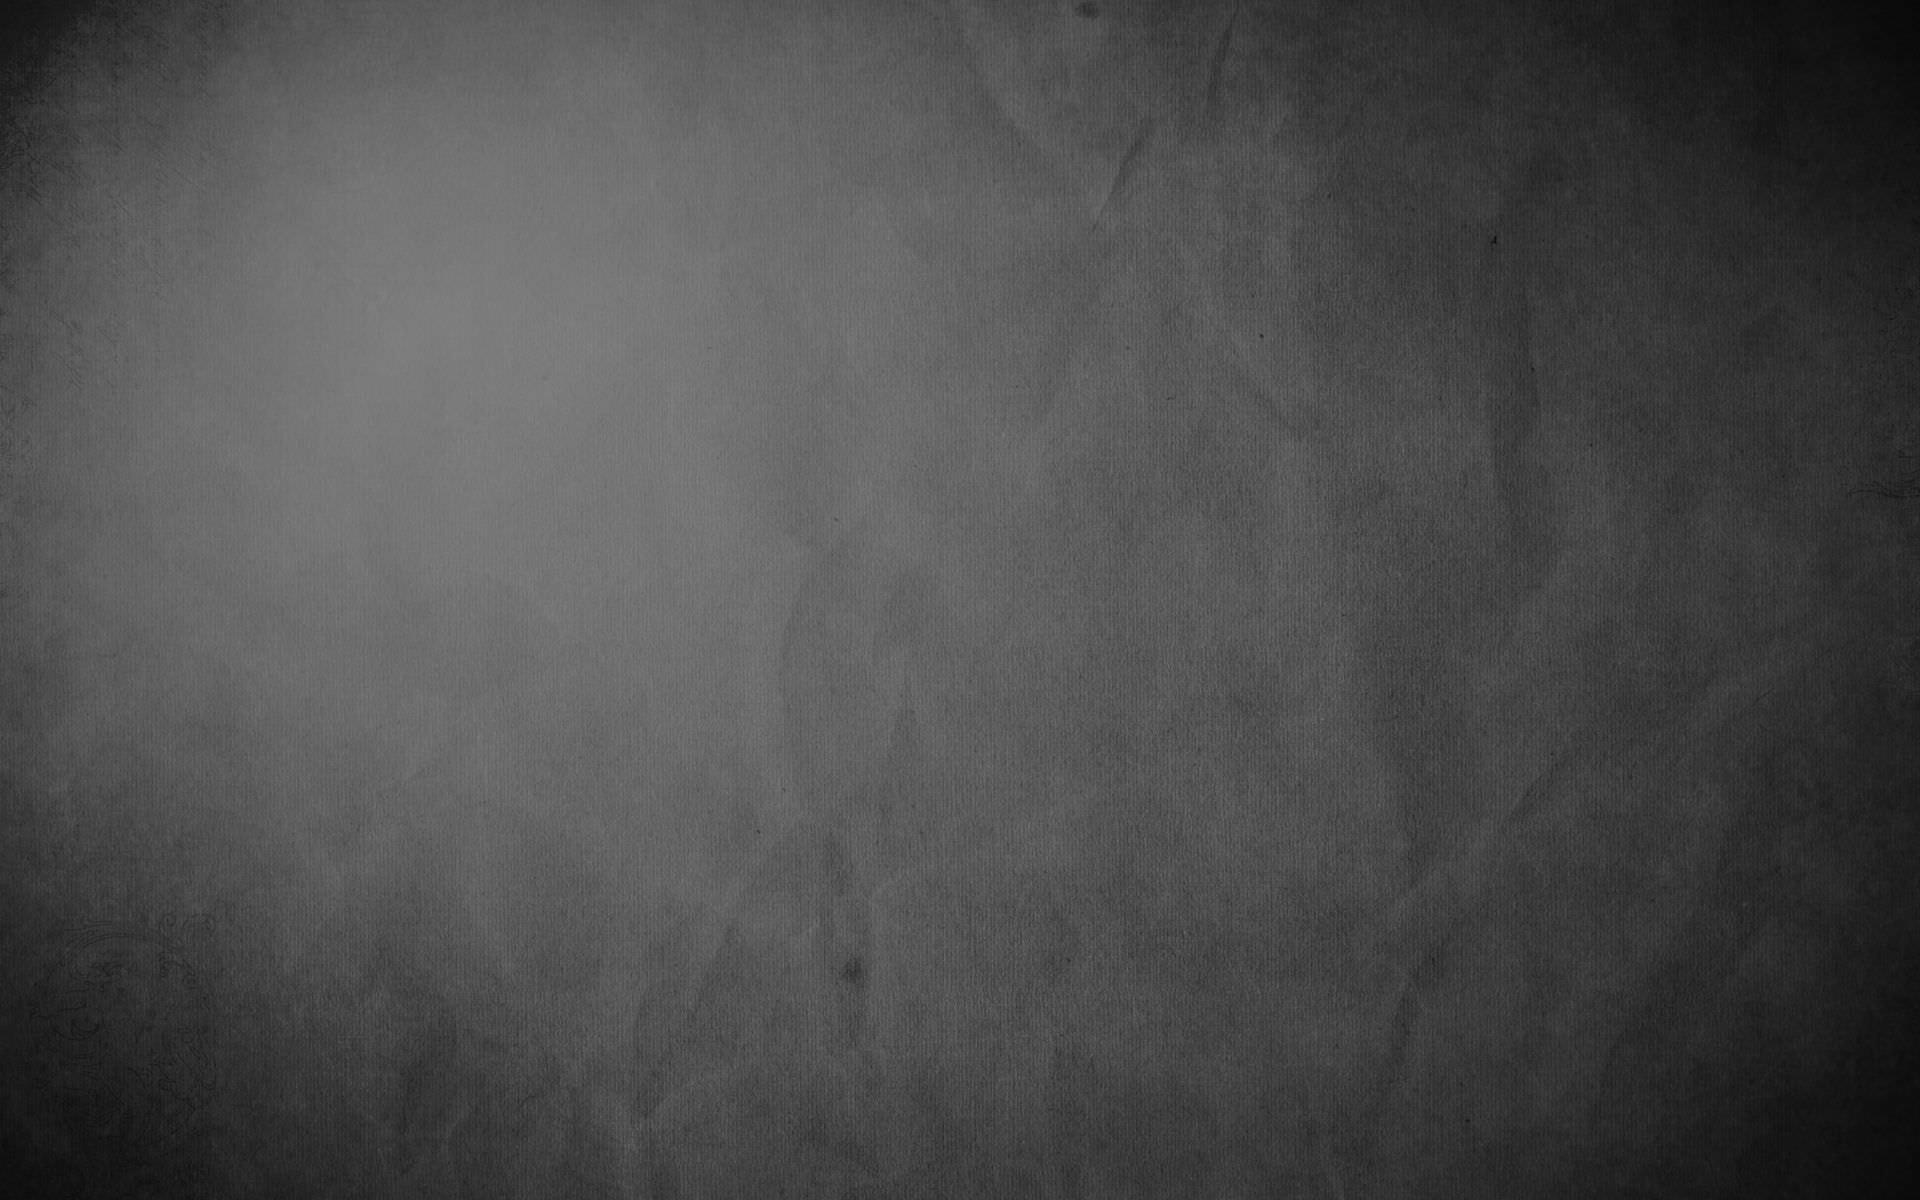 black white grunge background - photo #8